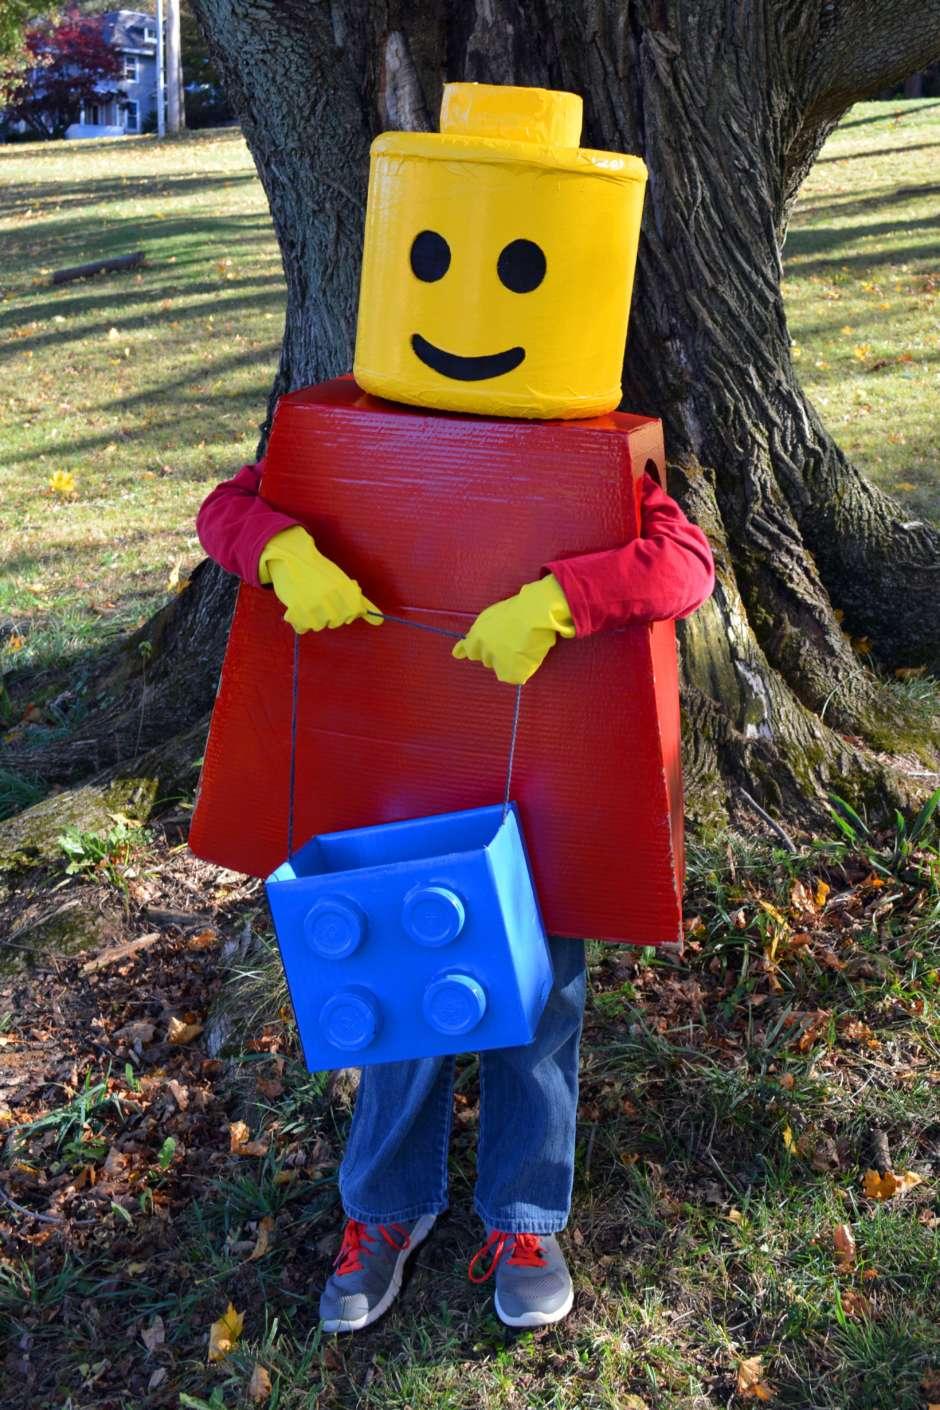 Lego Mini Figure Costume